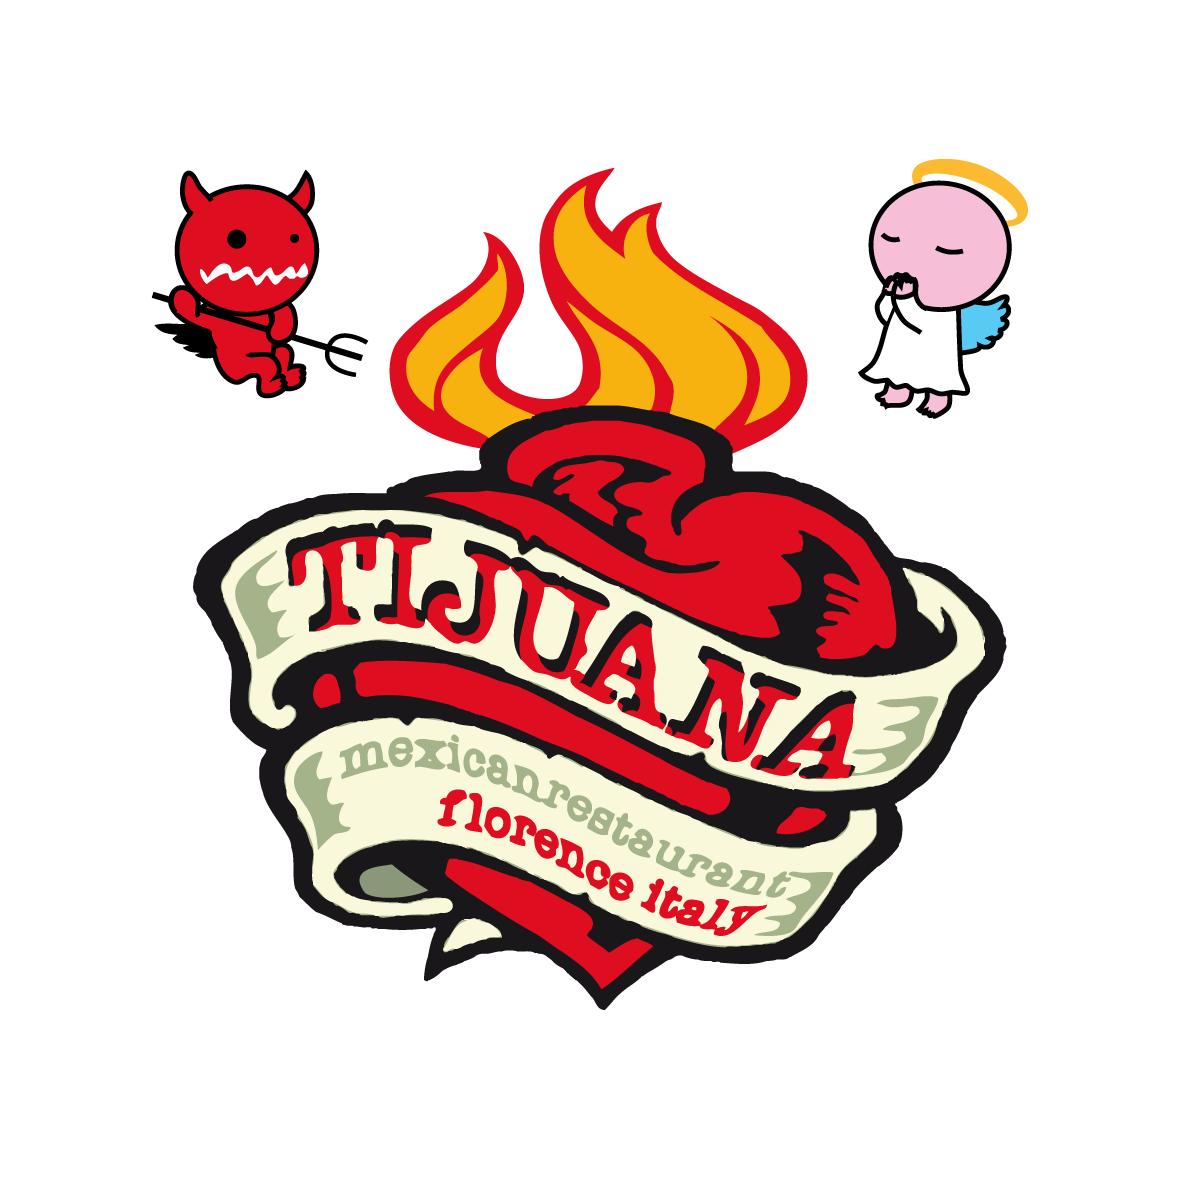 Tijuana brand